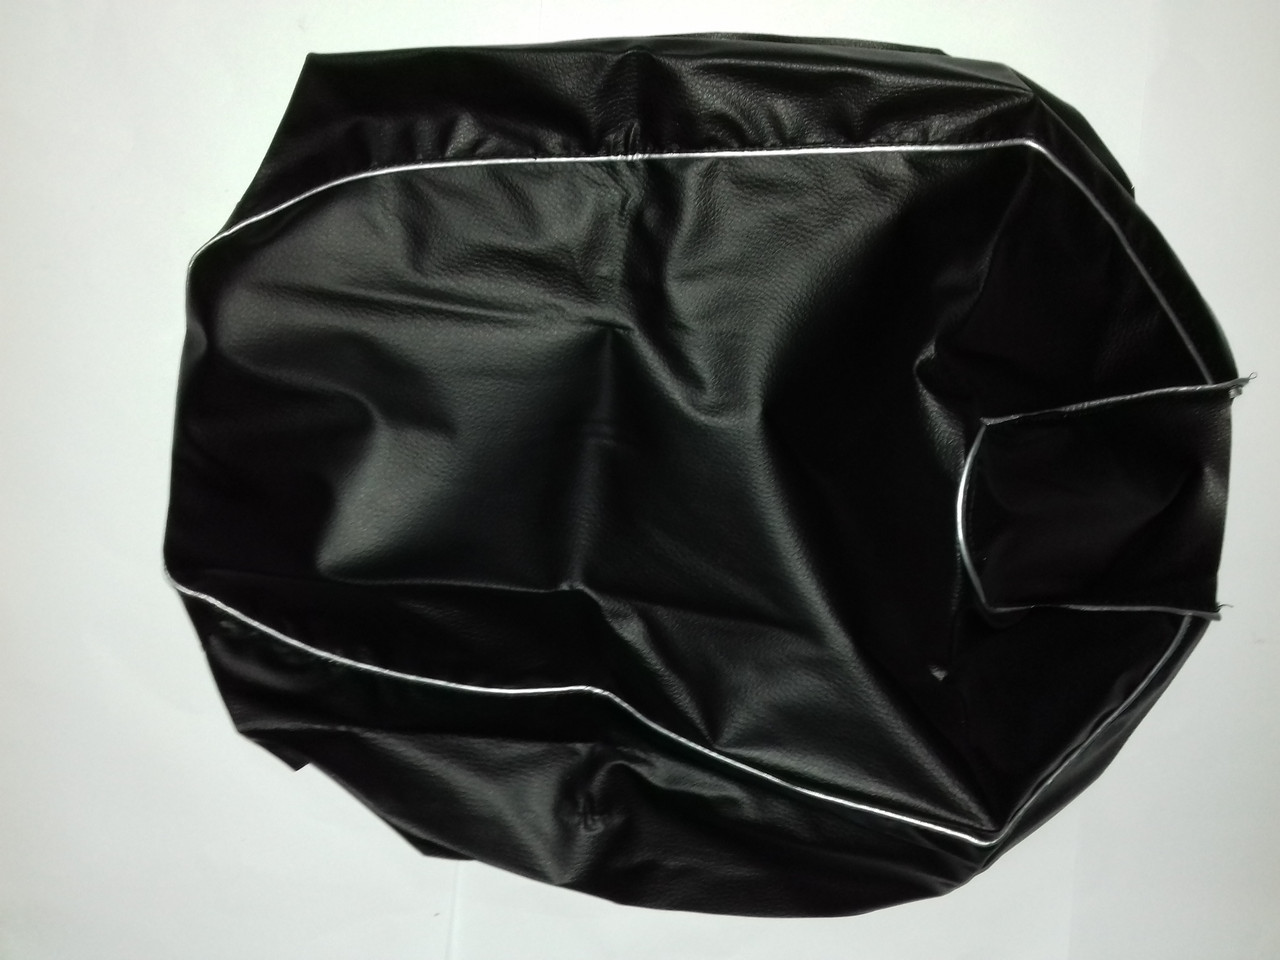 Чехол сиденья HONDA DIO AF-34/35 черный, серебристый кант JOHN DOE